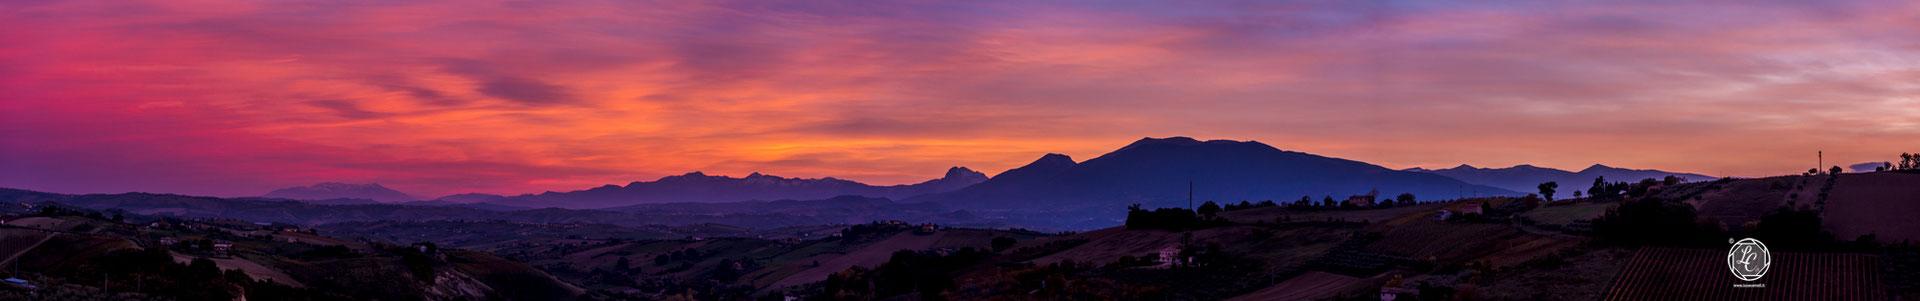 Giornata Della Terra, Offida. © Luca Cameli Photographer